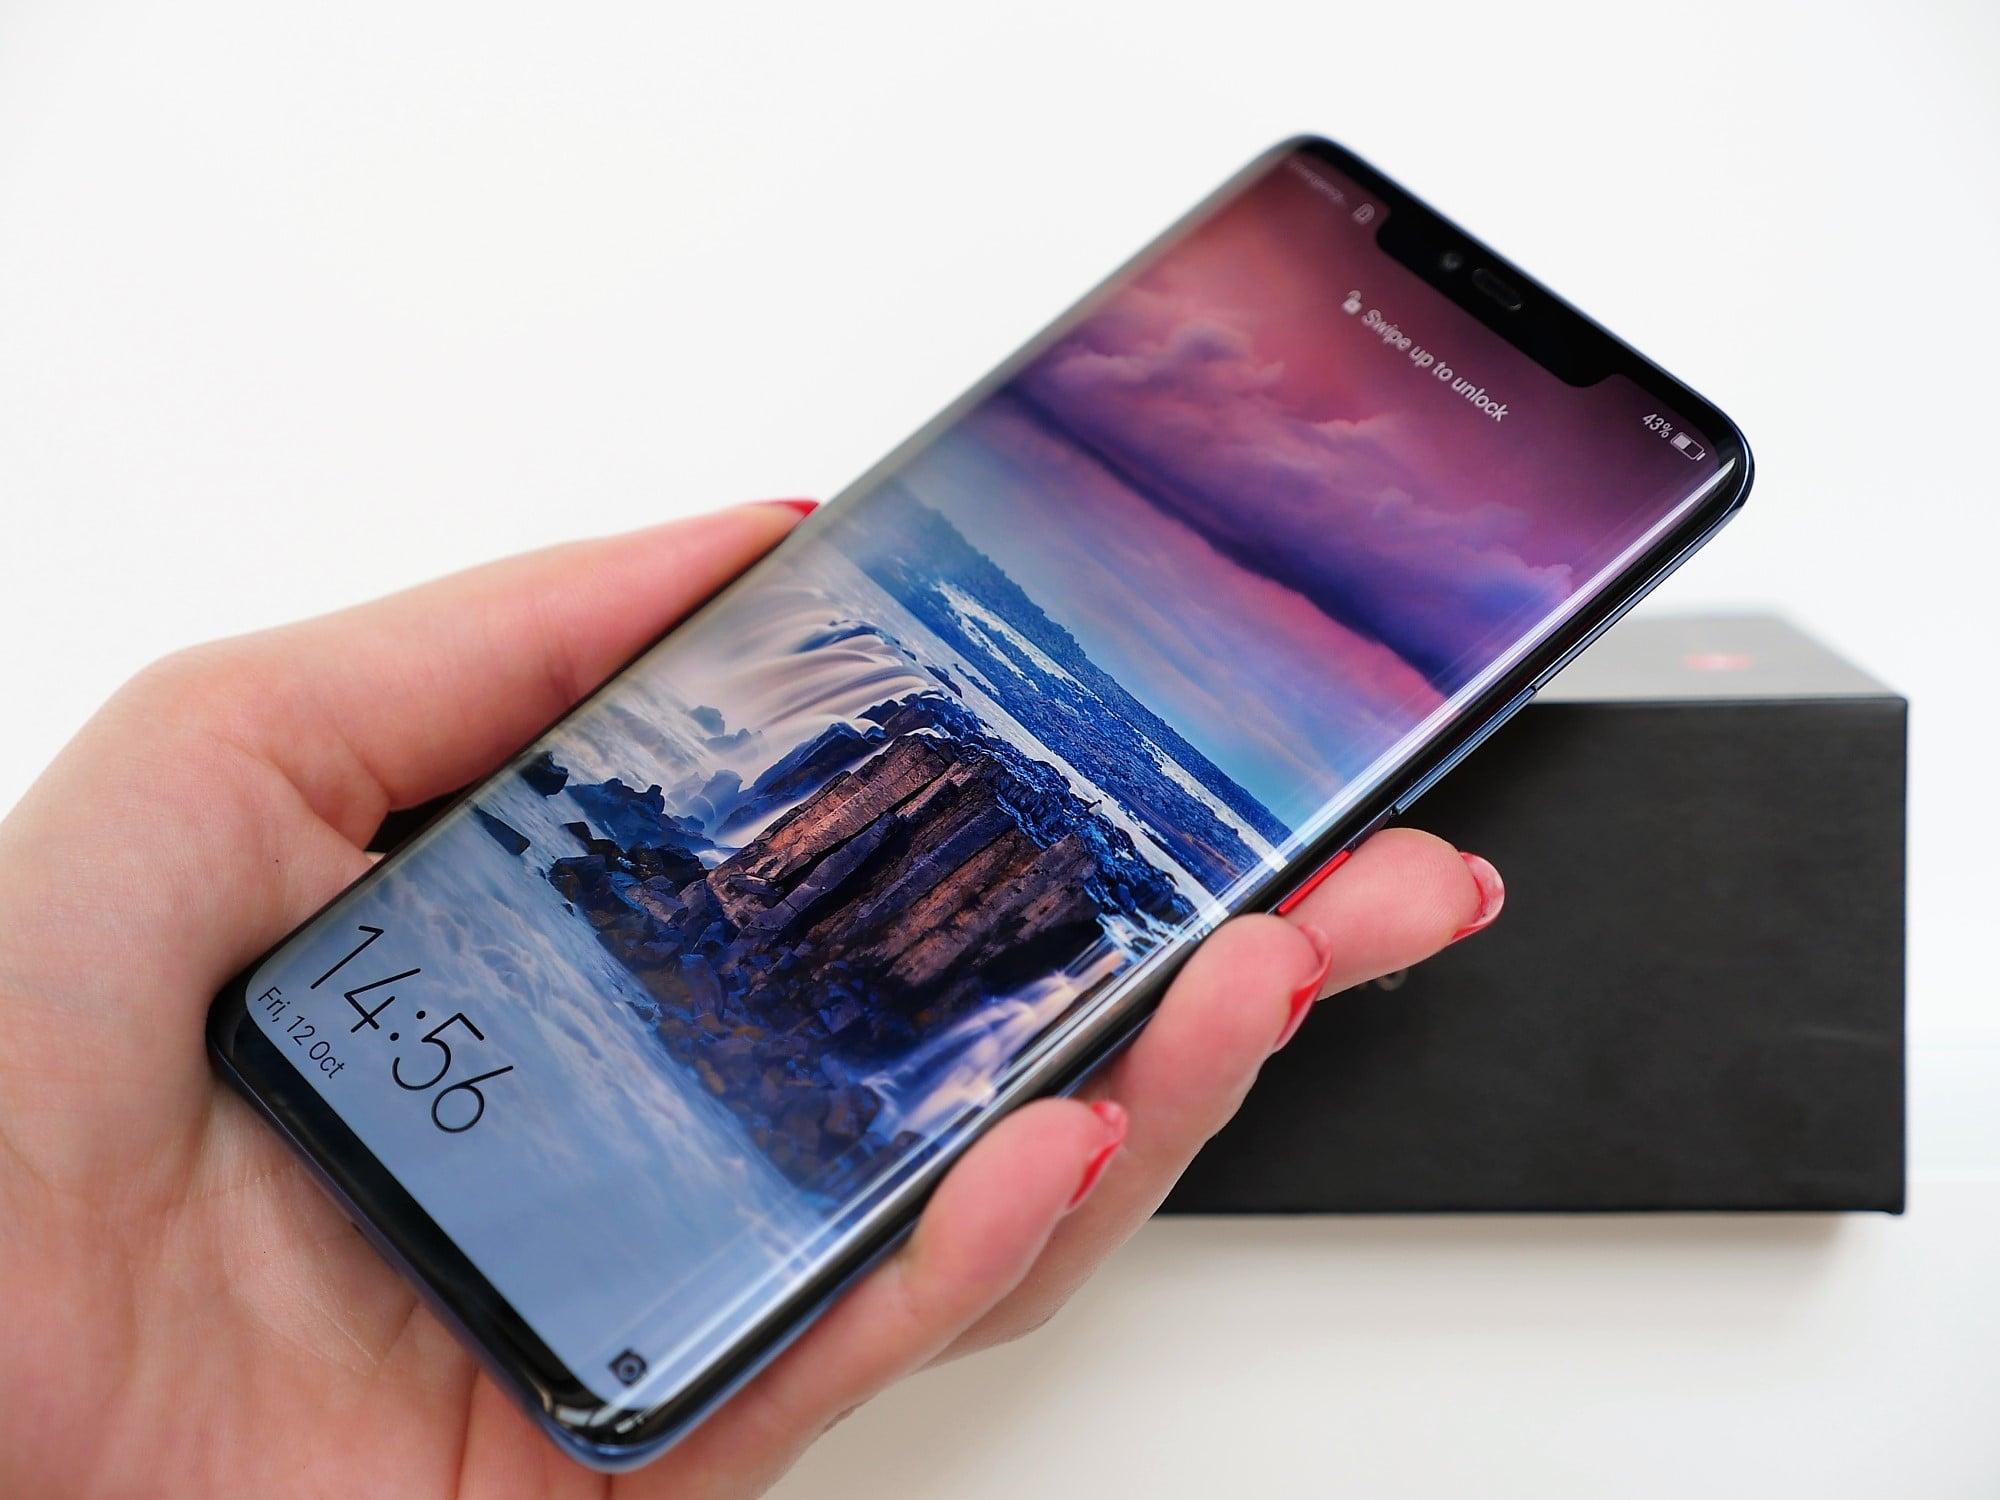 Recenzja Huawei Mate 20 Pro. Niby niewiele brakuje do ideału, ale wciąż jest co poprawiać 22